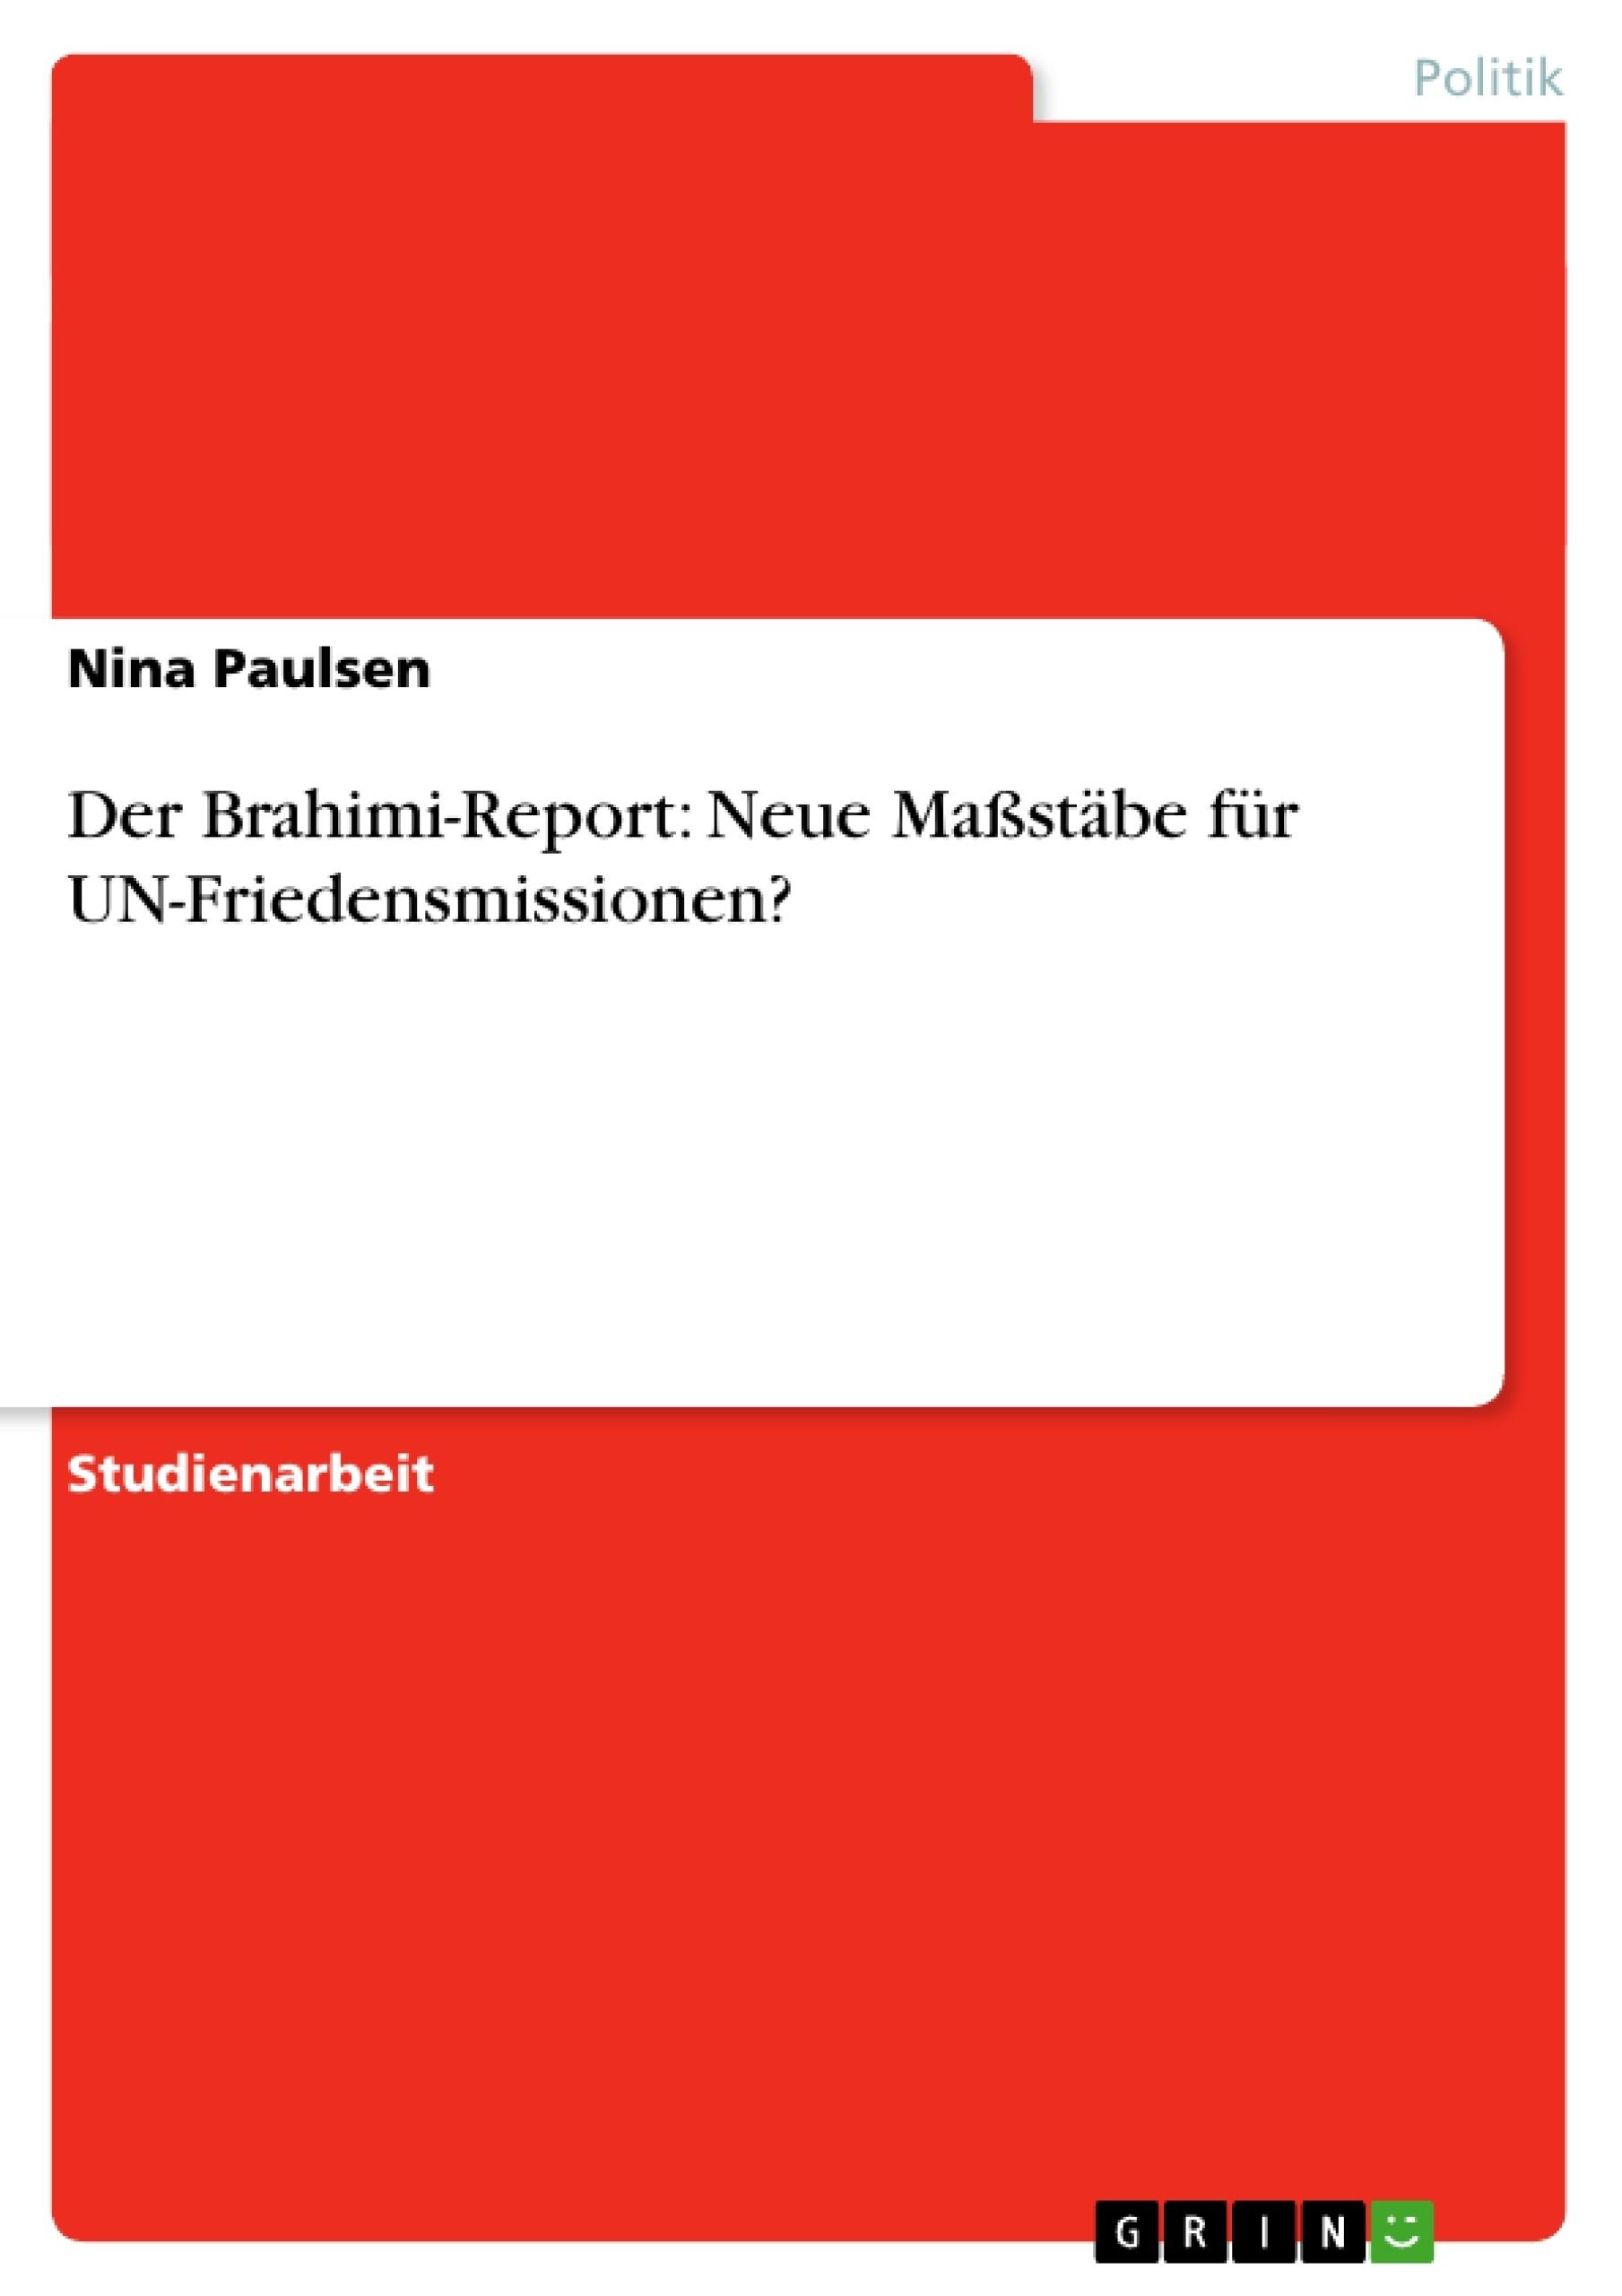 Titel: Der Brahimi-Report: Neue Maßstäbe für UN-Friedensmissionen?